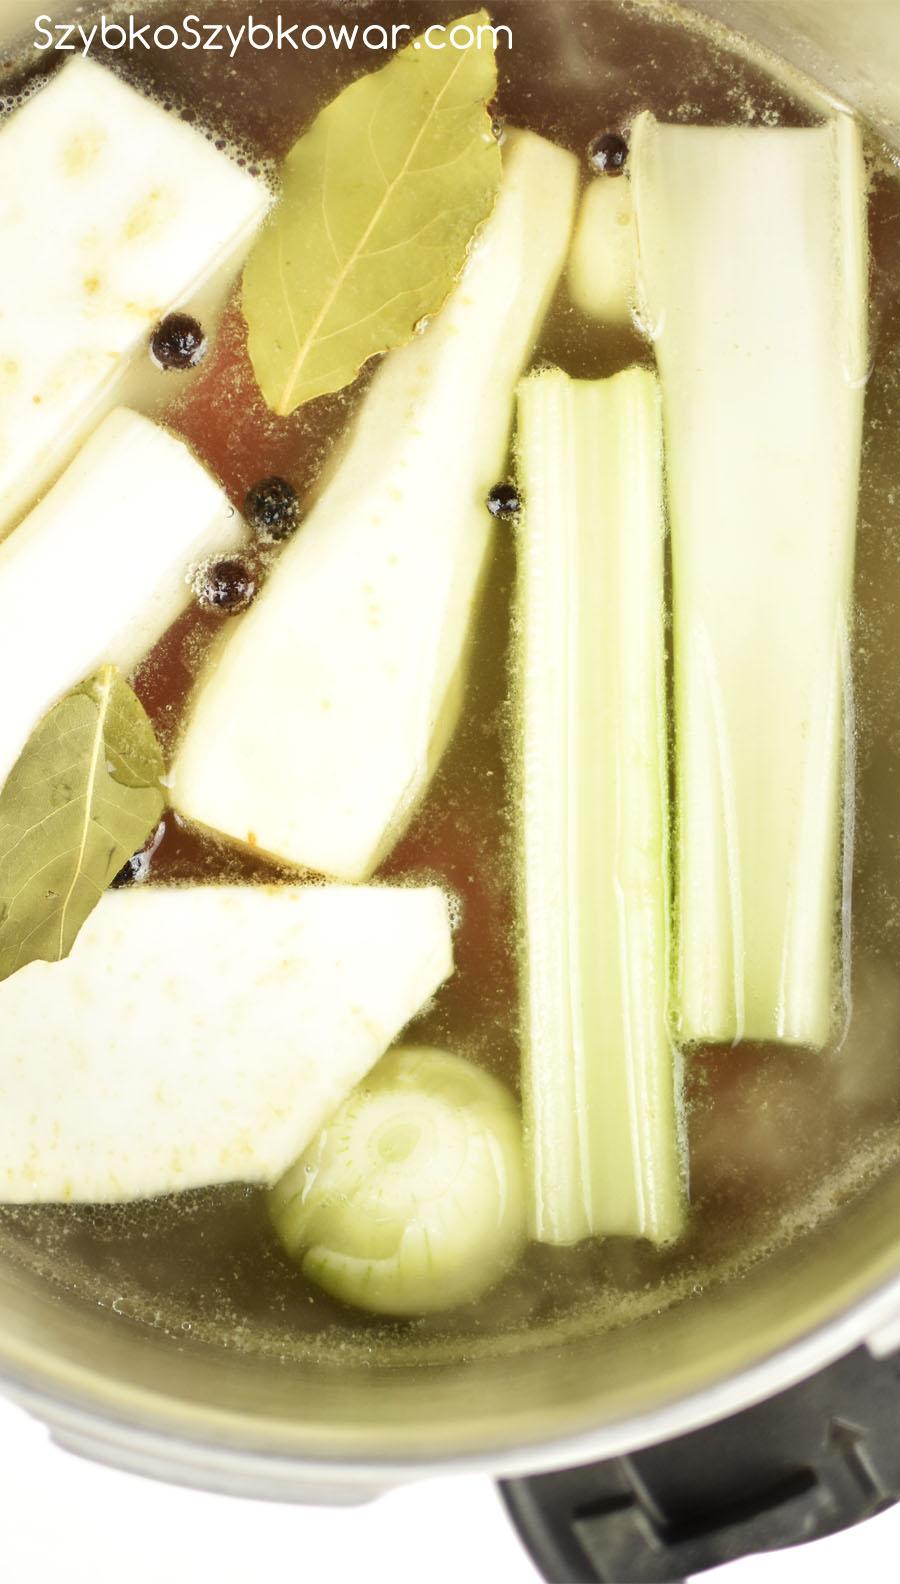 Żeberka po odszumowaniu i dodaniu wszystkich warzyw i przypraw.